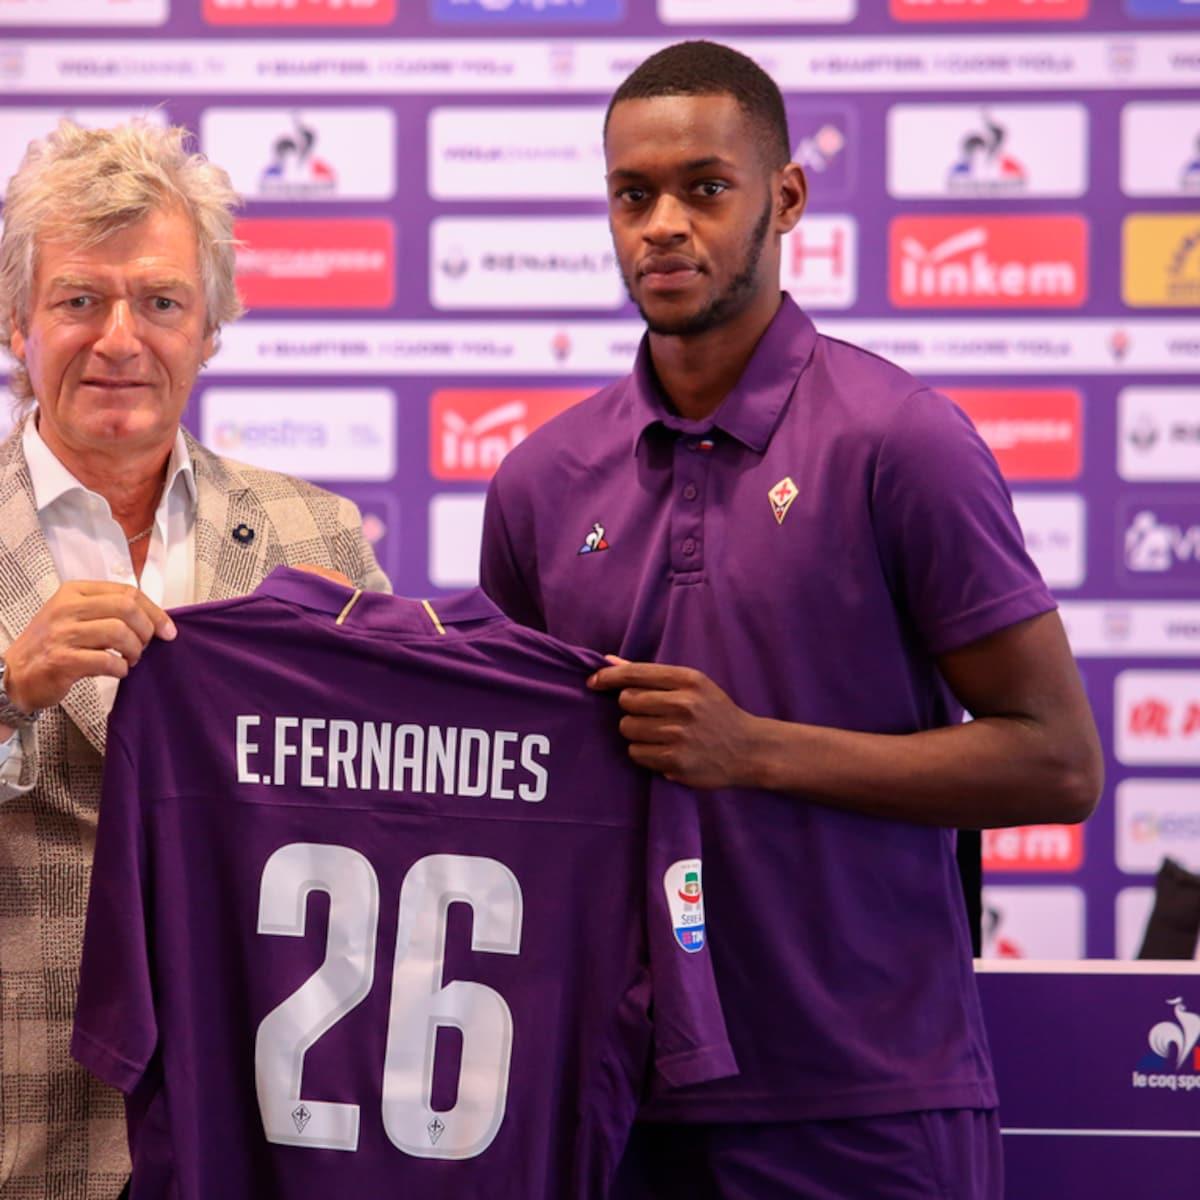 Calciomercato, Edimilson: «Fiorentina, darò tutto me stesso»